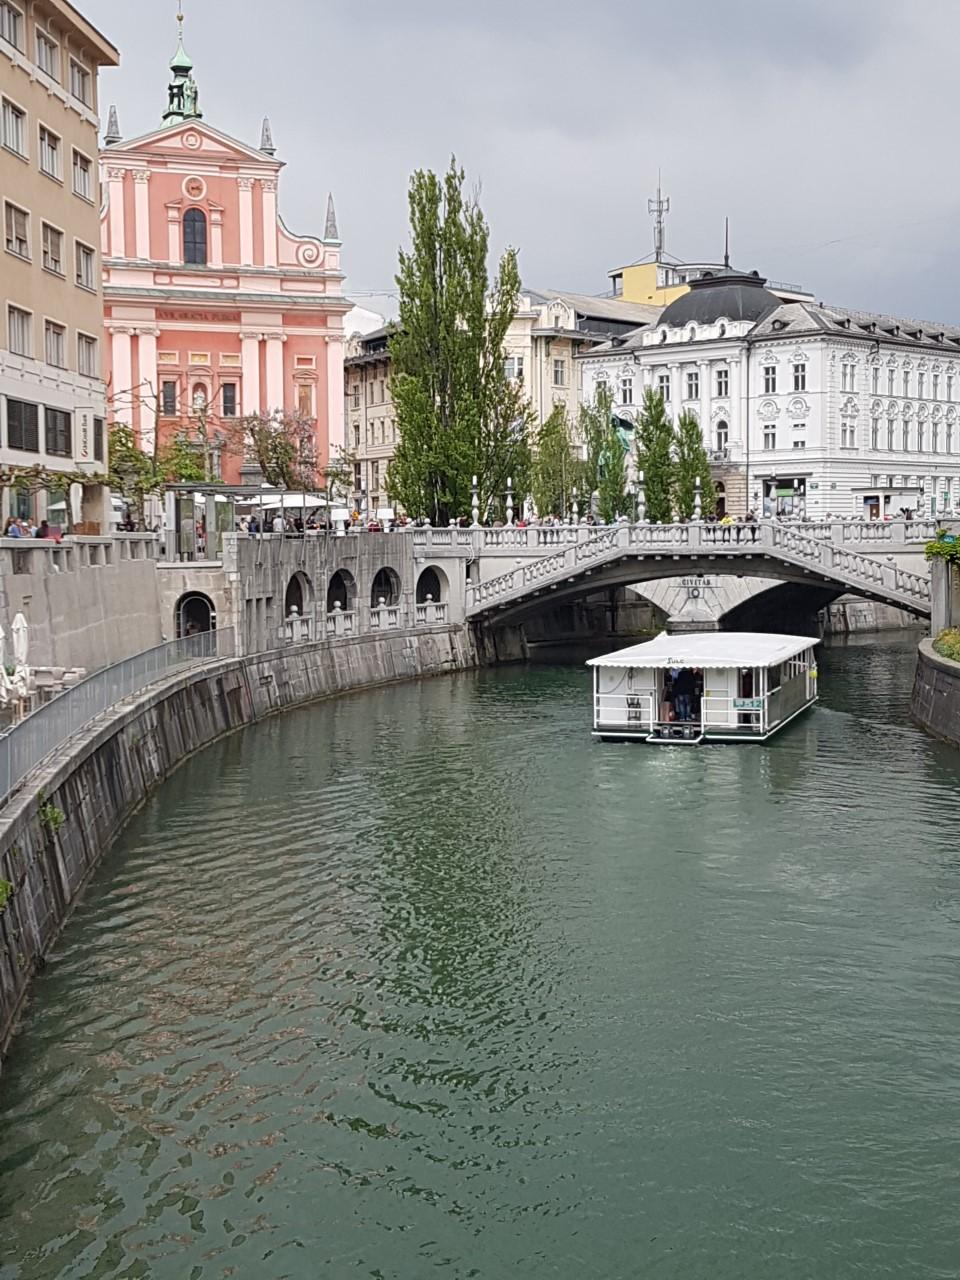 Ljubljana een typische grauwe oostblok stad, of valt dit mee?